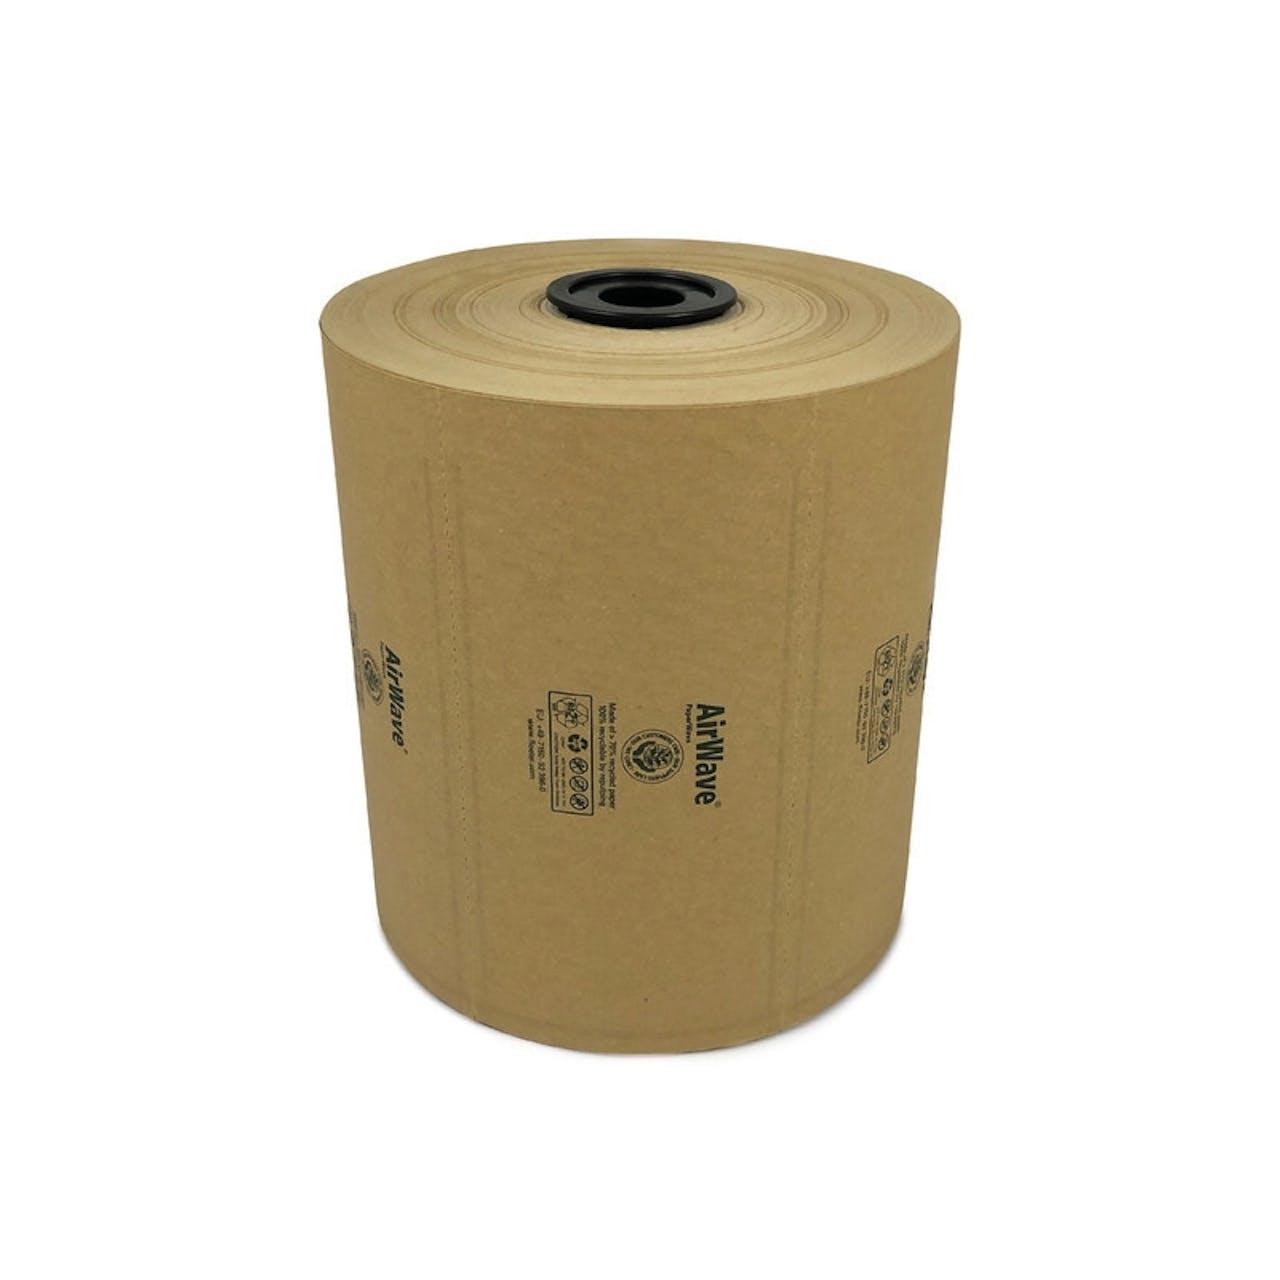 Luftkissenfolie AirWave® Papier terra